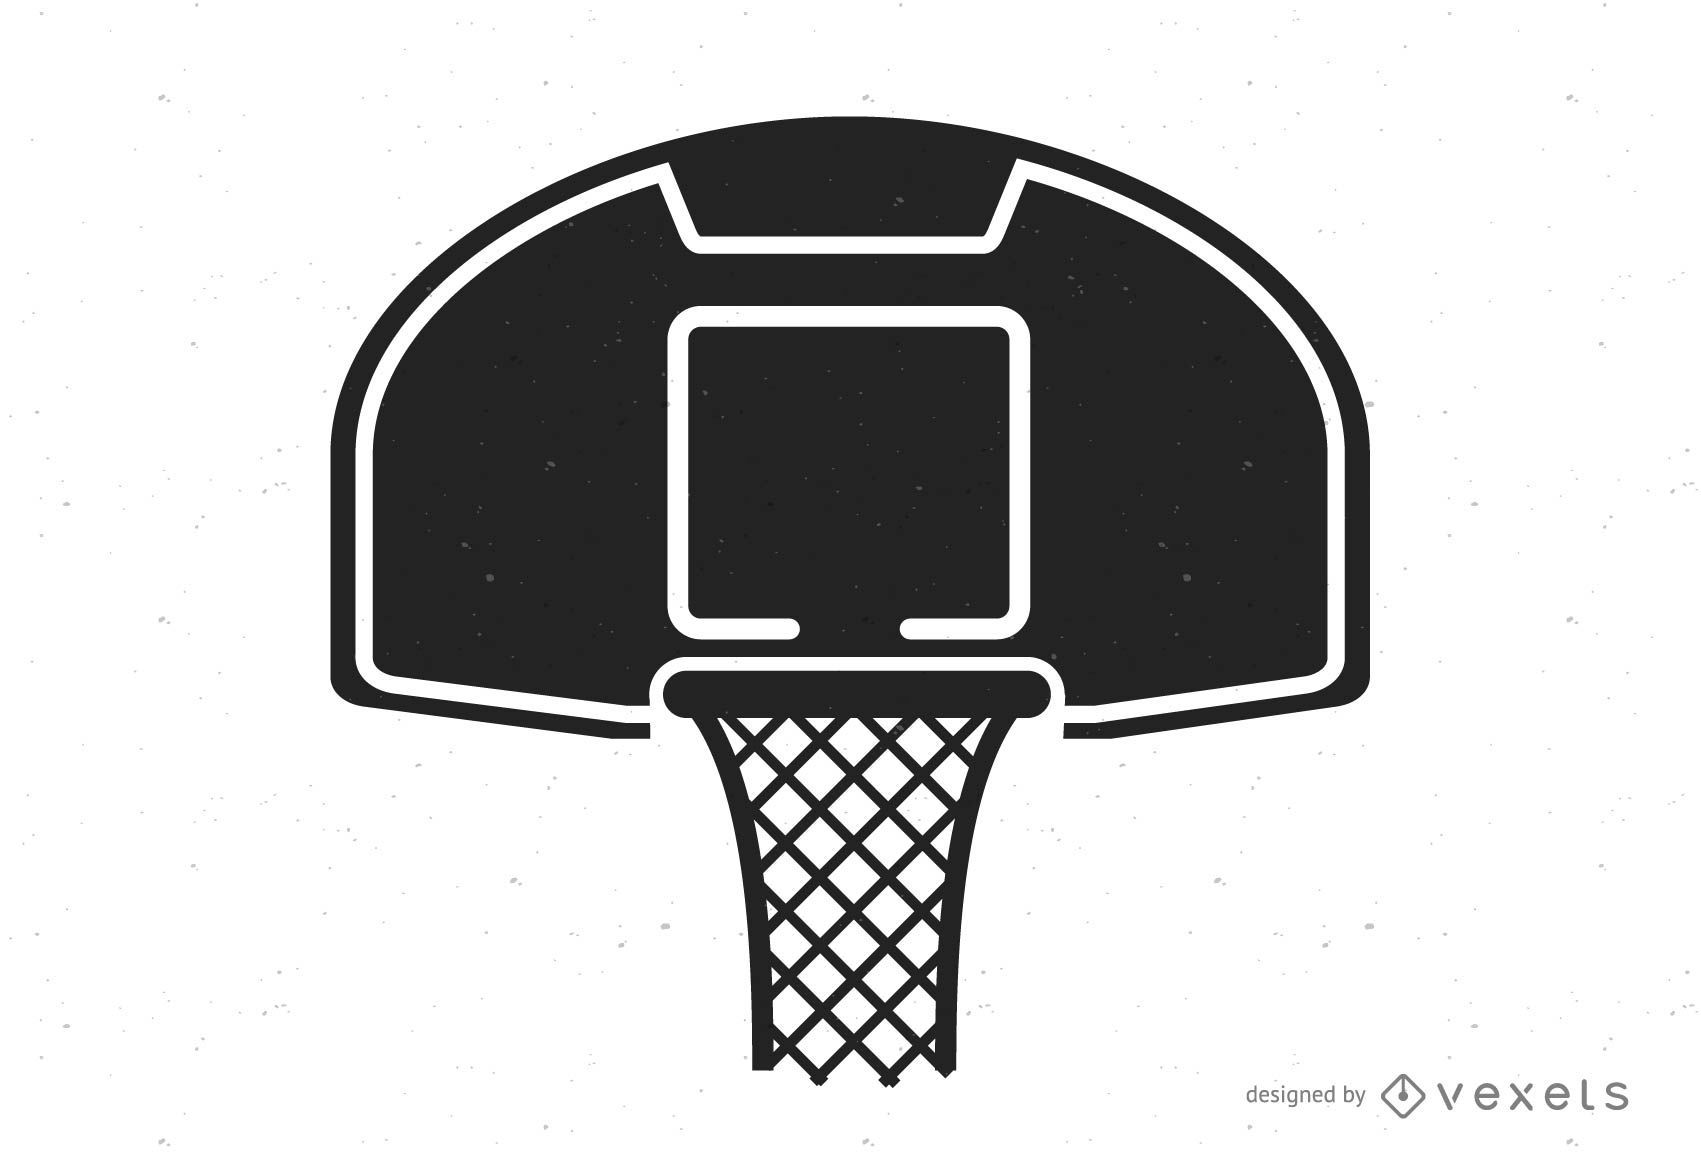 Logotipo do basquete em preto e branco